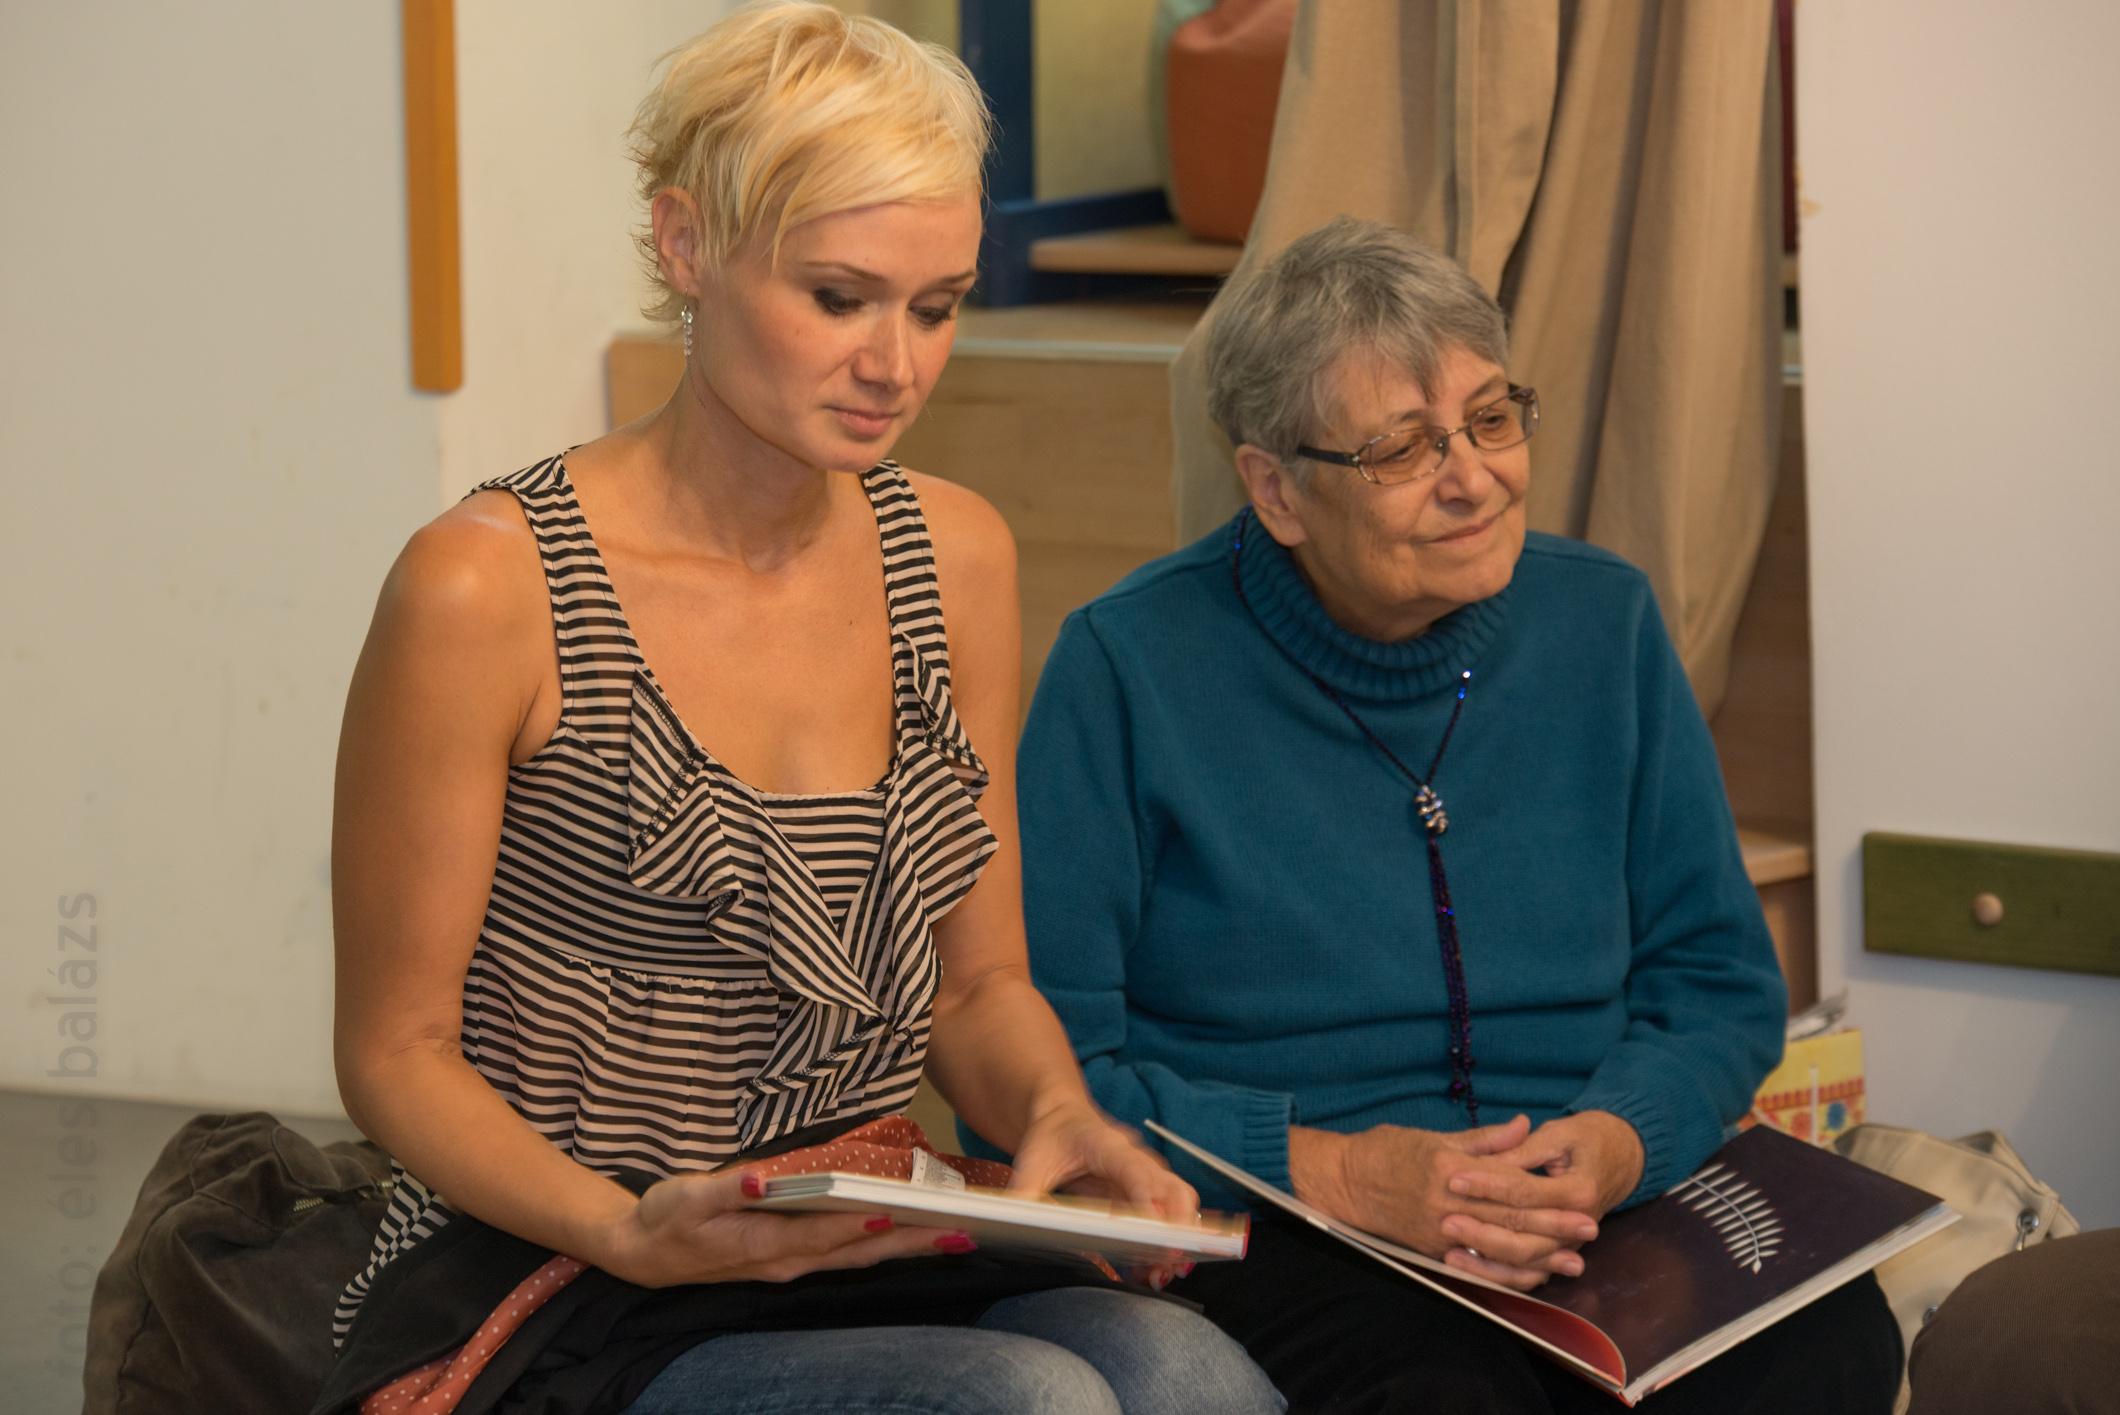 A szerző, Finy Petra Marék Veronikával olvas fel a Mesemúzeumban